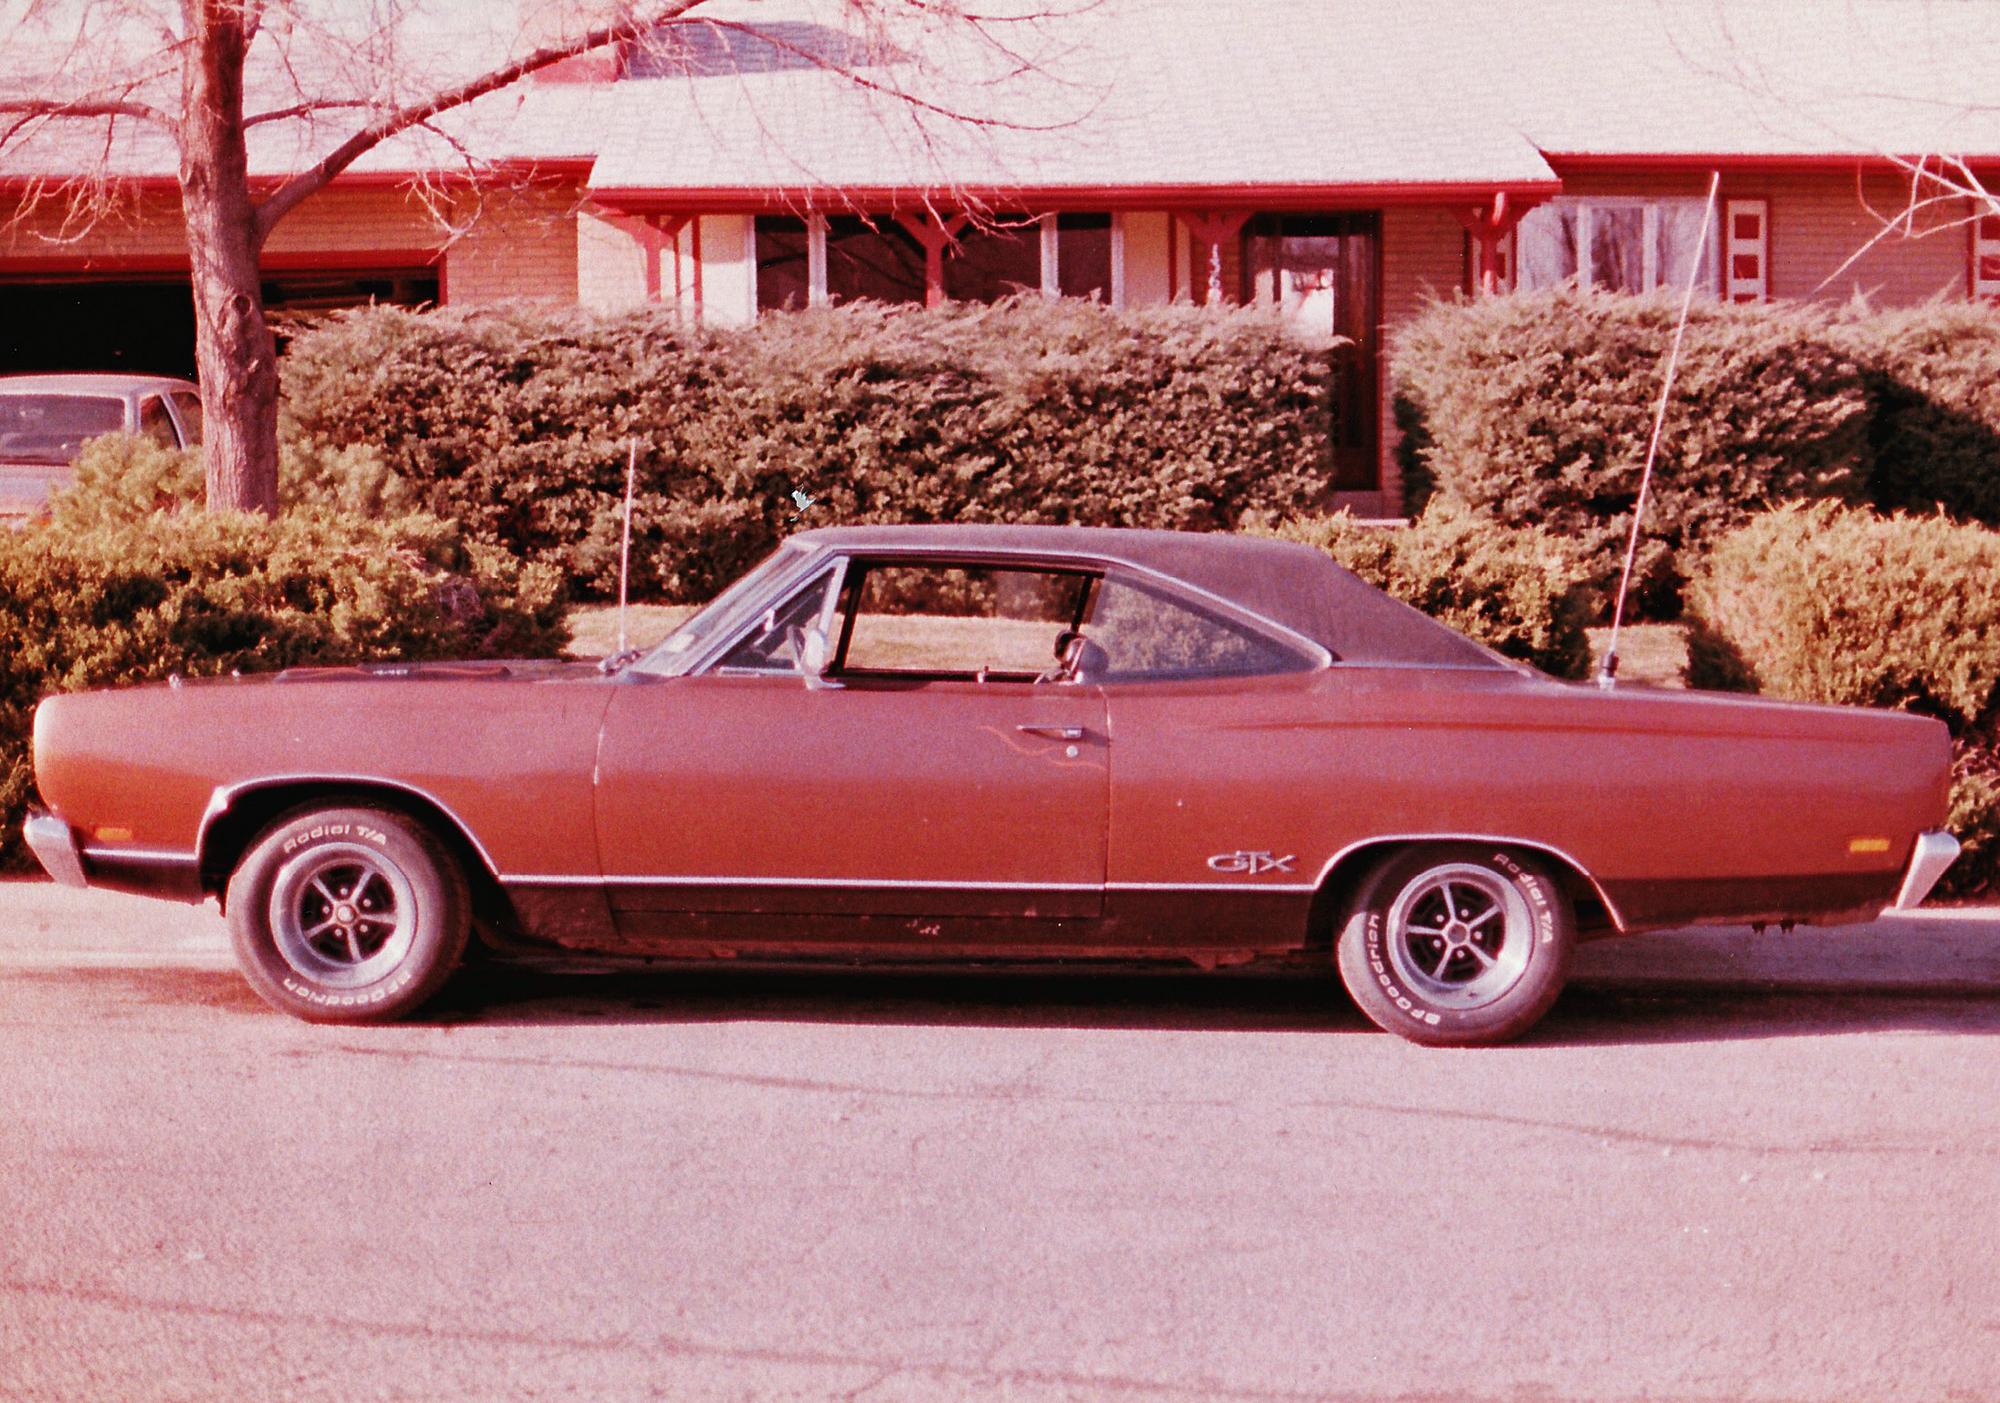 1969 Plymouth GTX Profile